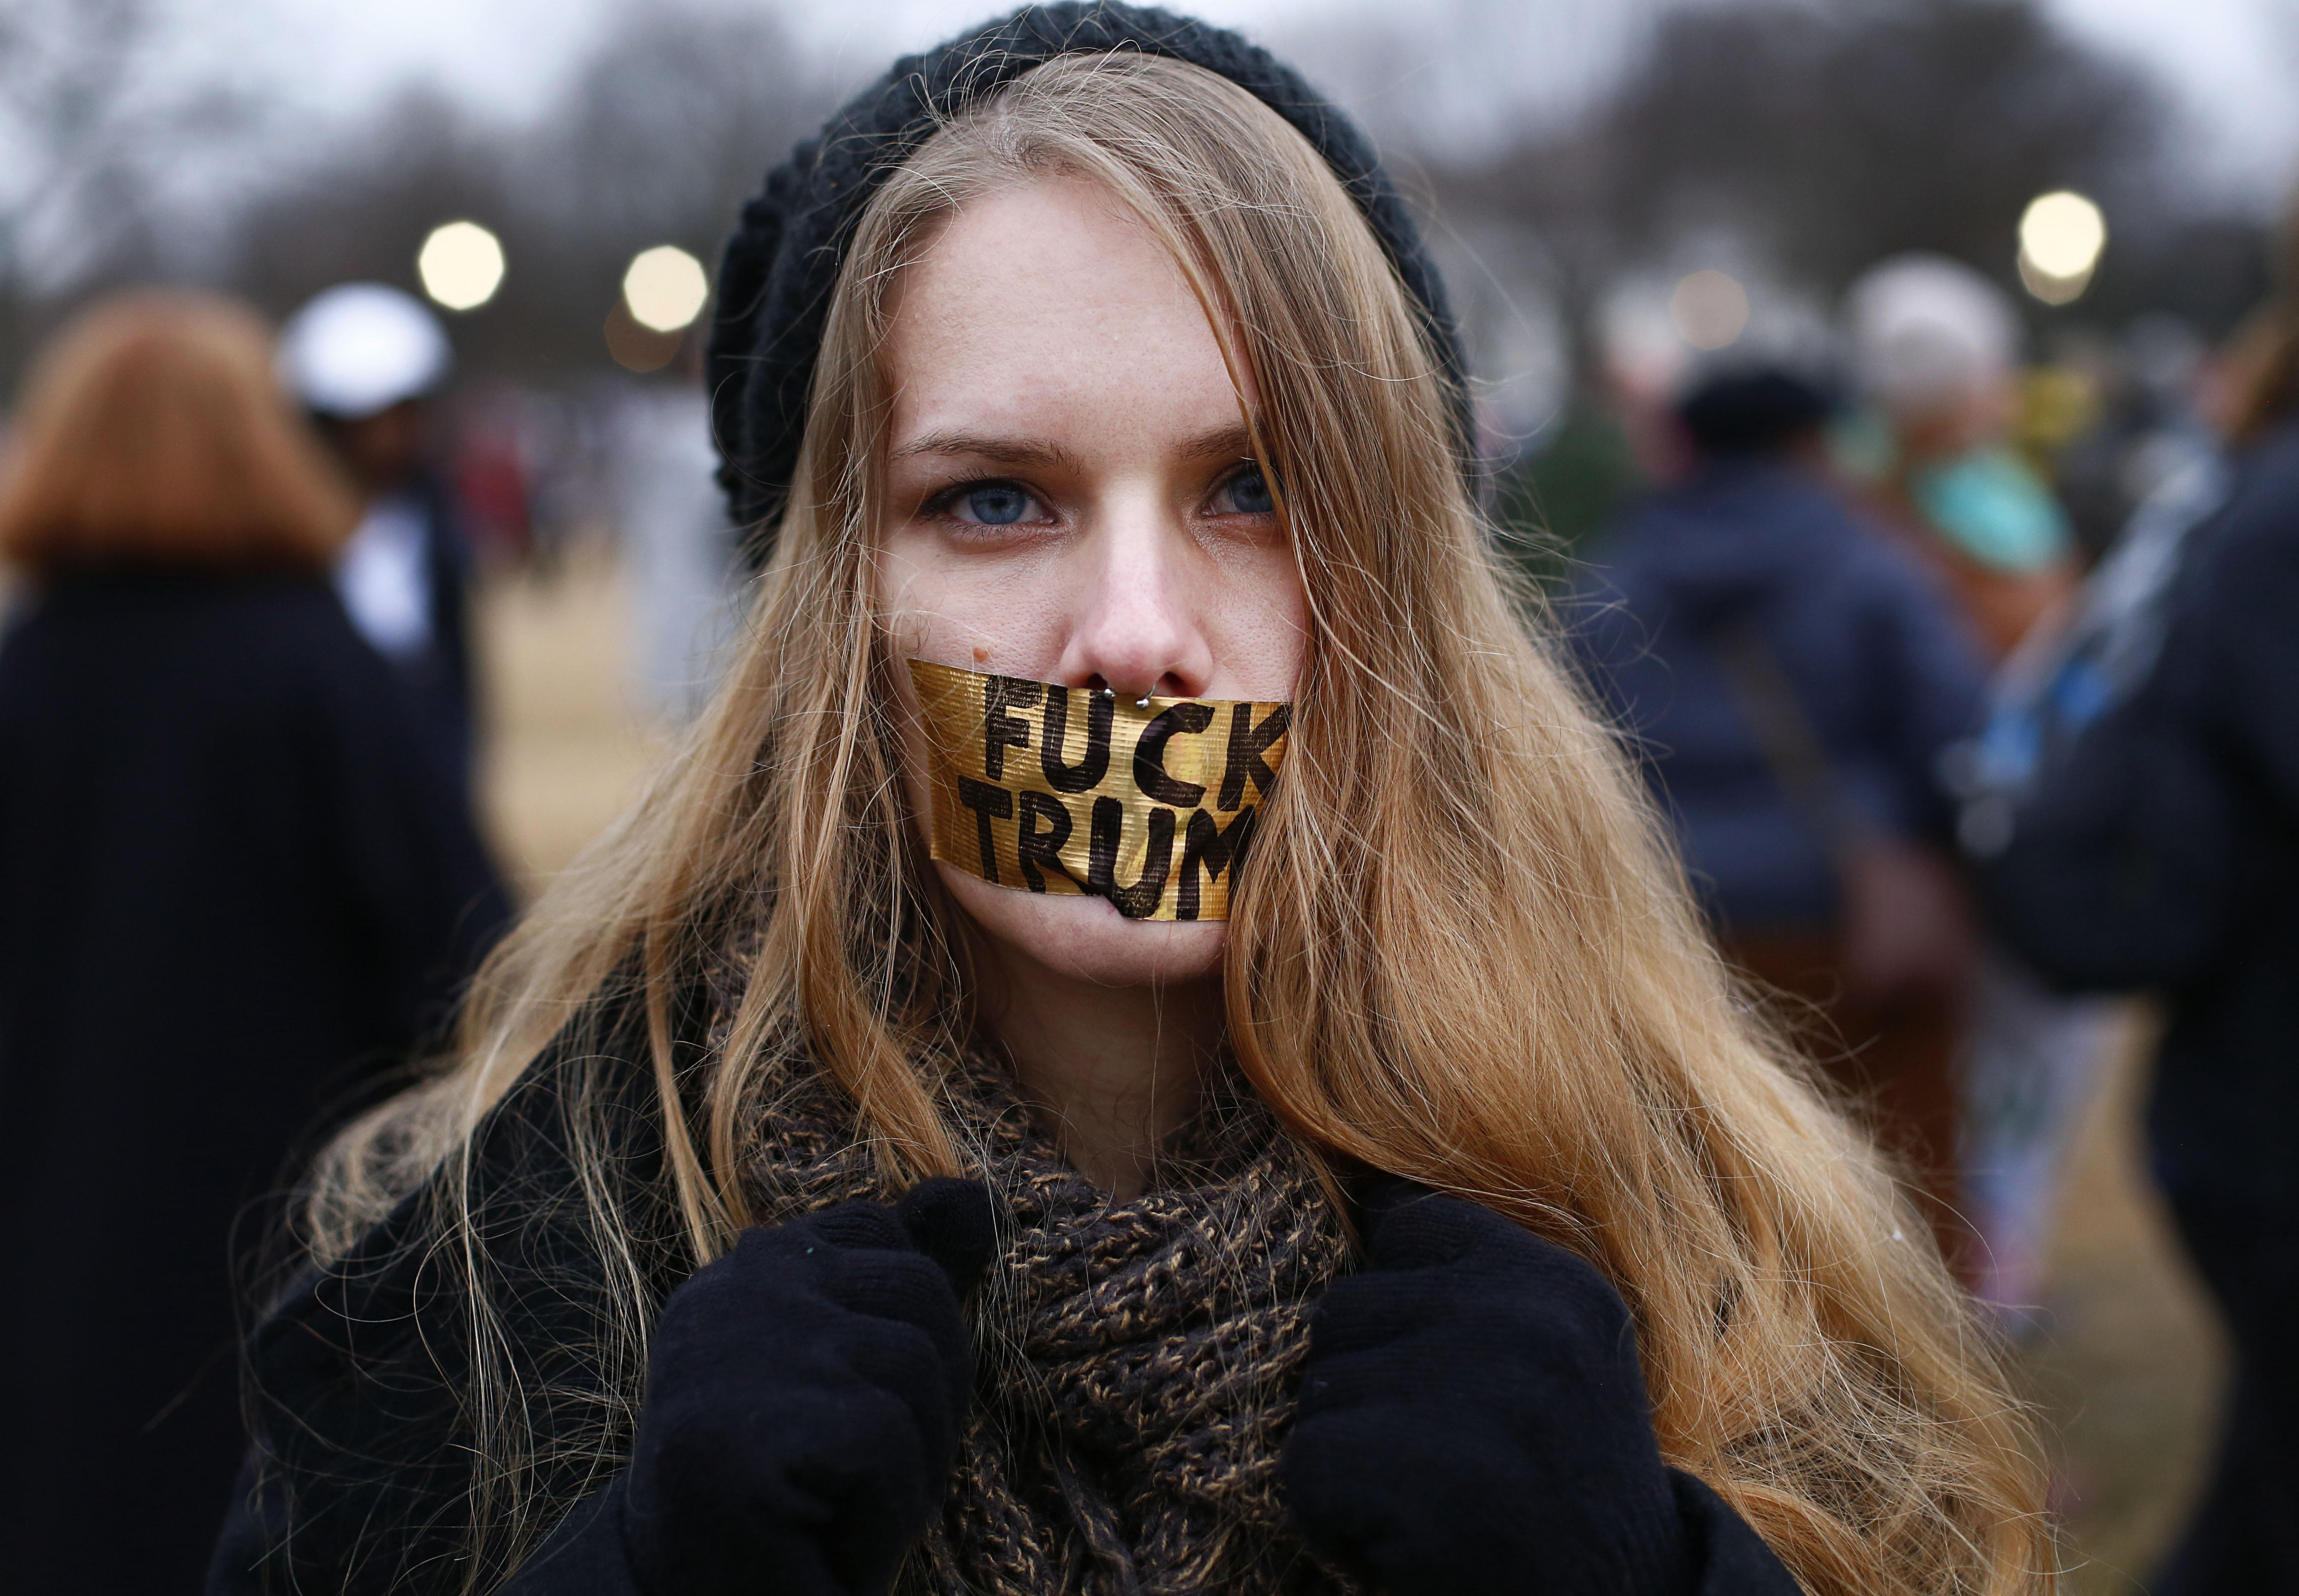 Dühös nők milliói indították az első ostromot az új amerikai elnök ellen